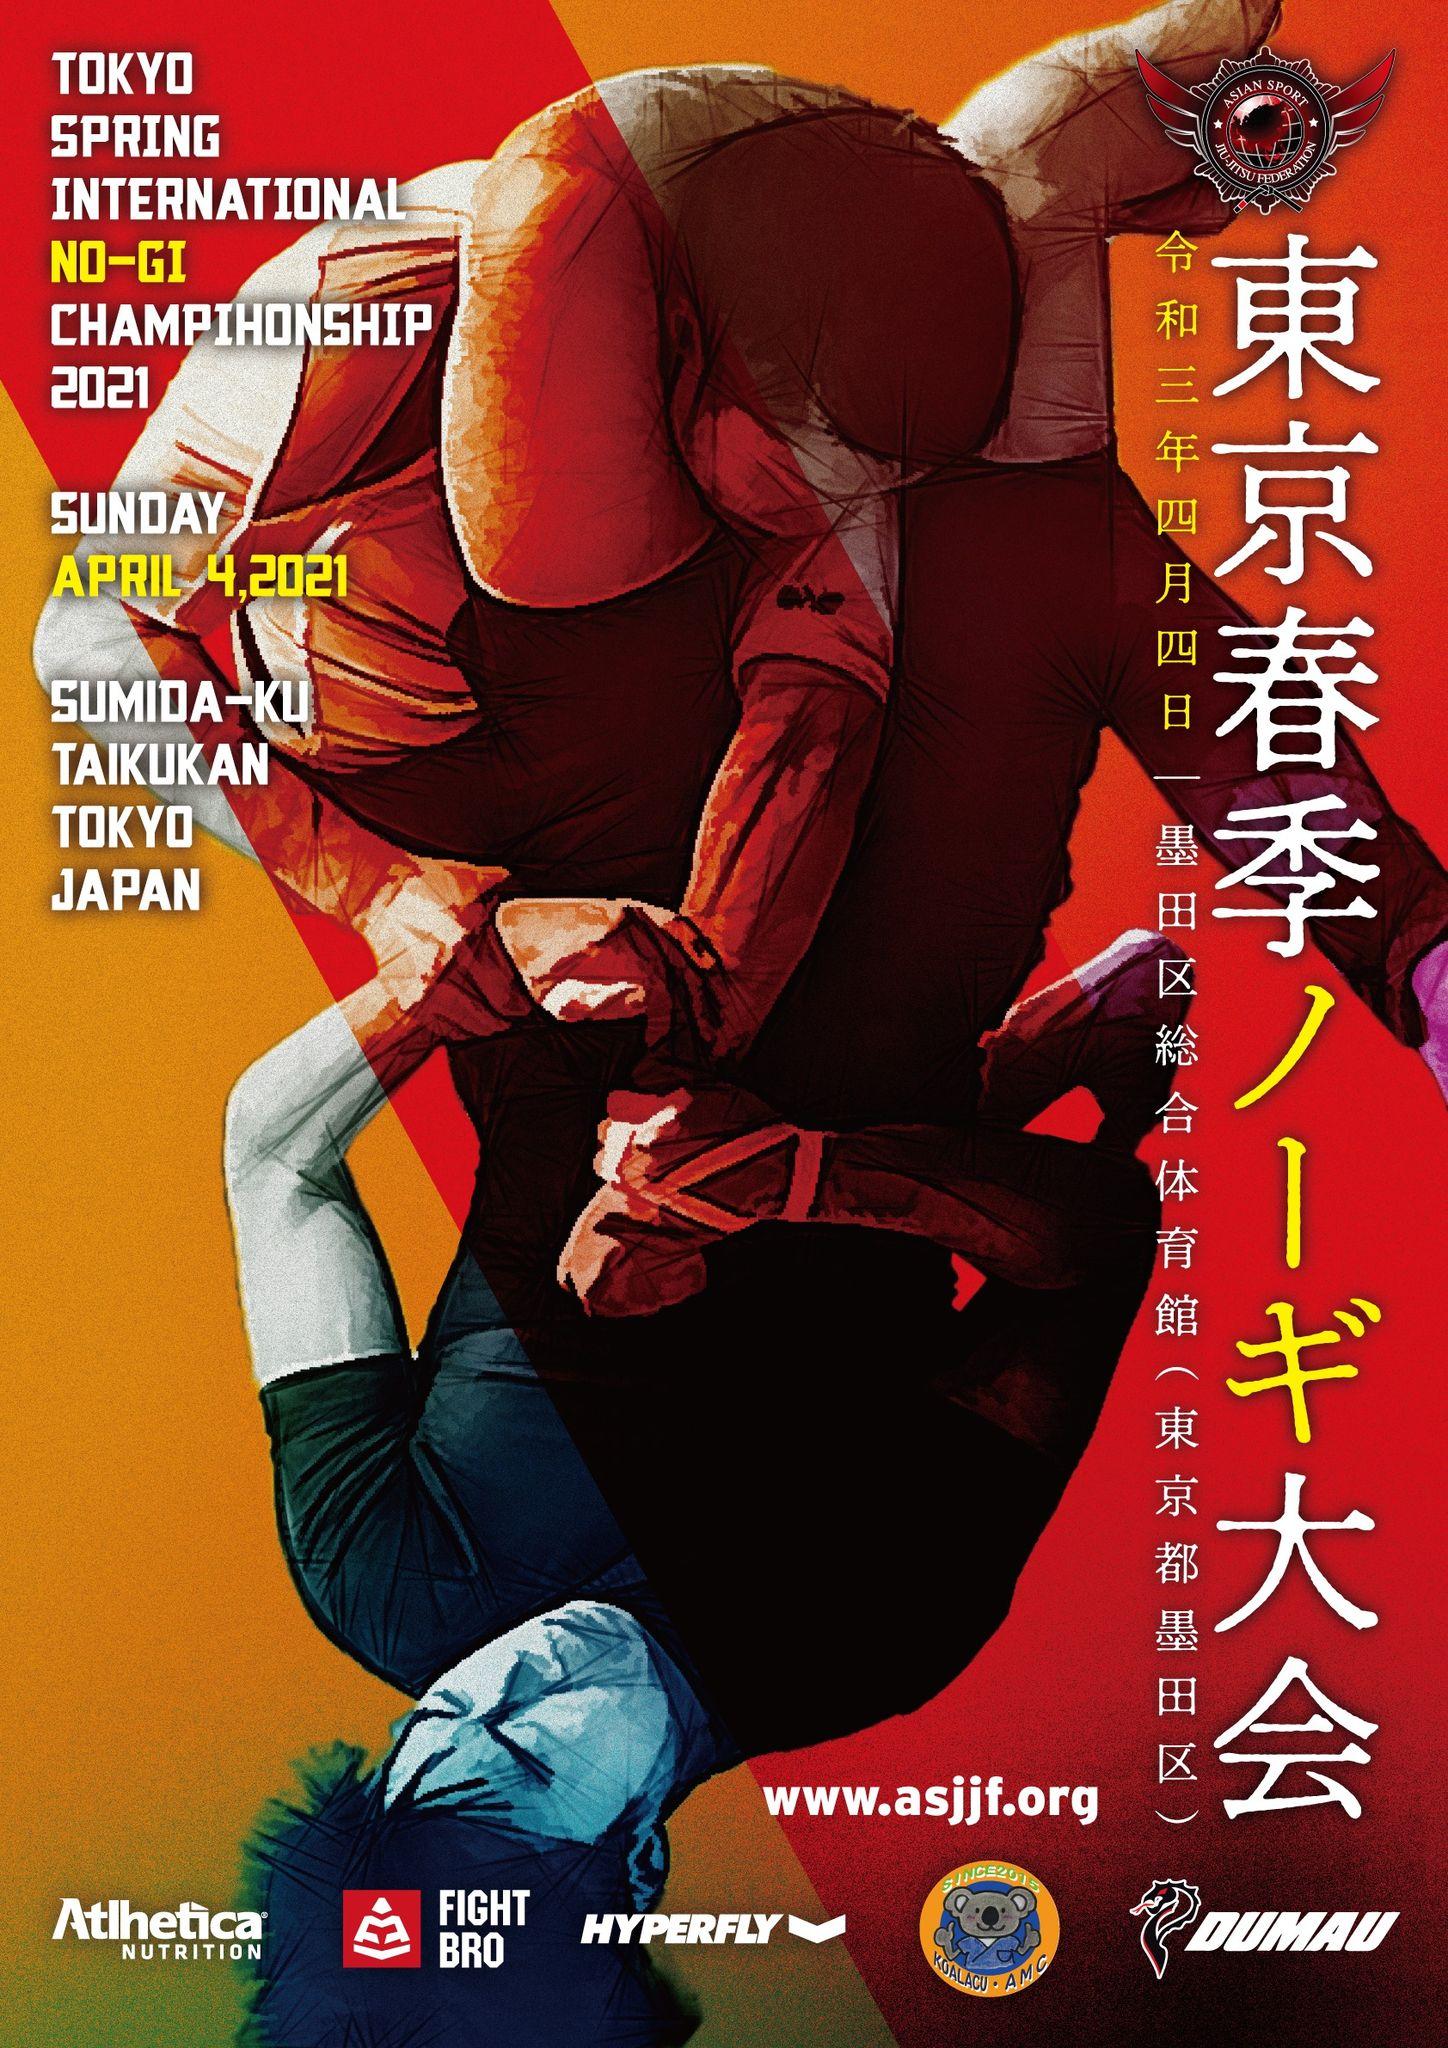 asjjf tokyo spring international no-gi championship 2021 (東京春季ノーギ柔術大会 2021)